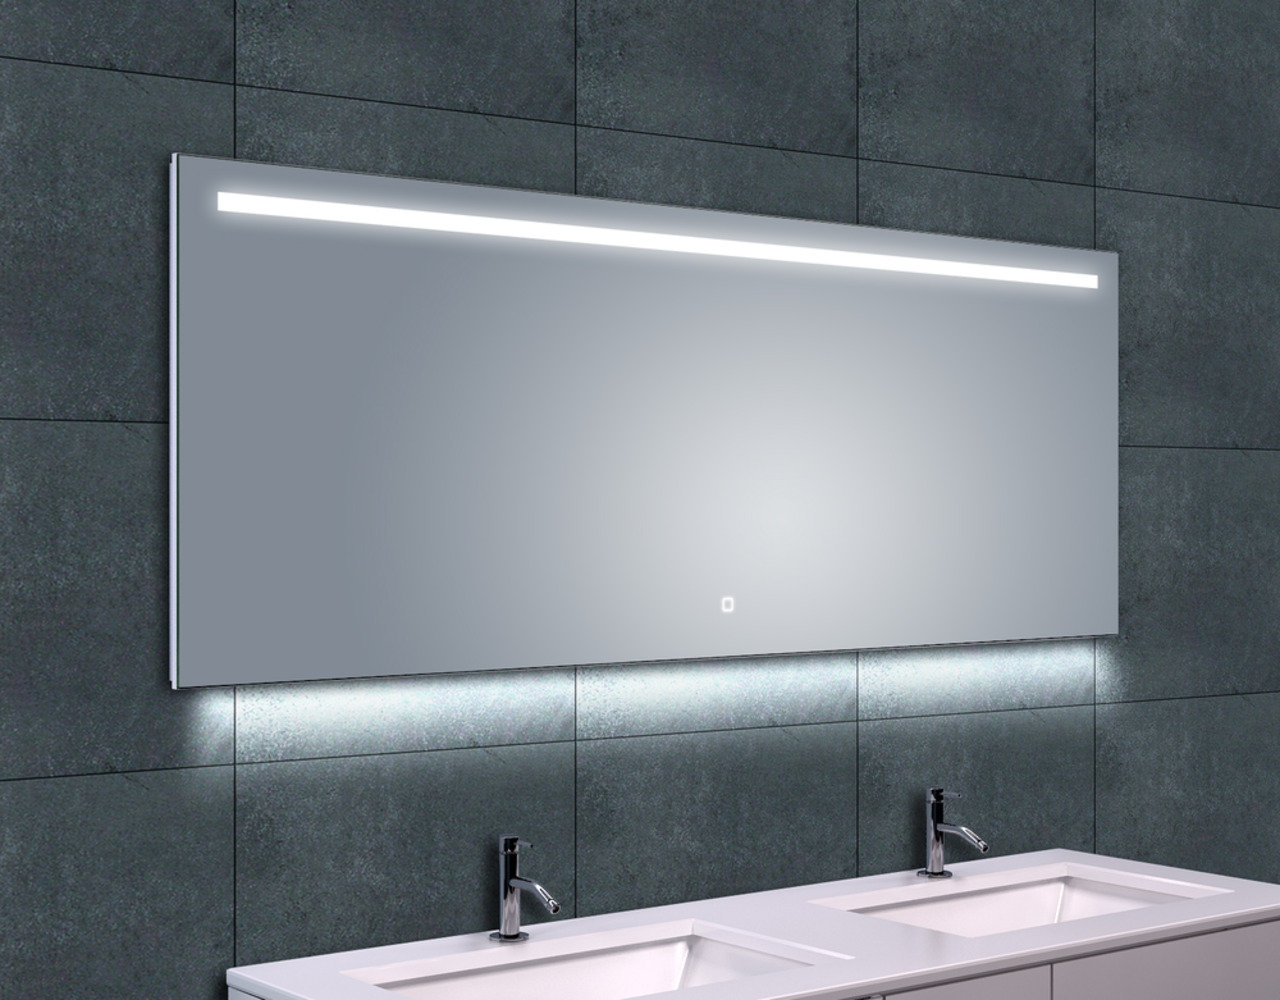 Wiesbaden Ambi one spiegel 160x60 cm met horizontale directe & indirecte LED verlichting & verwarming